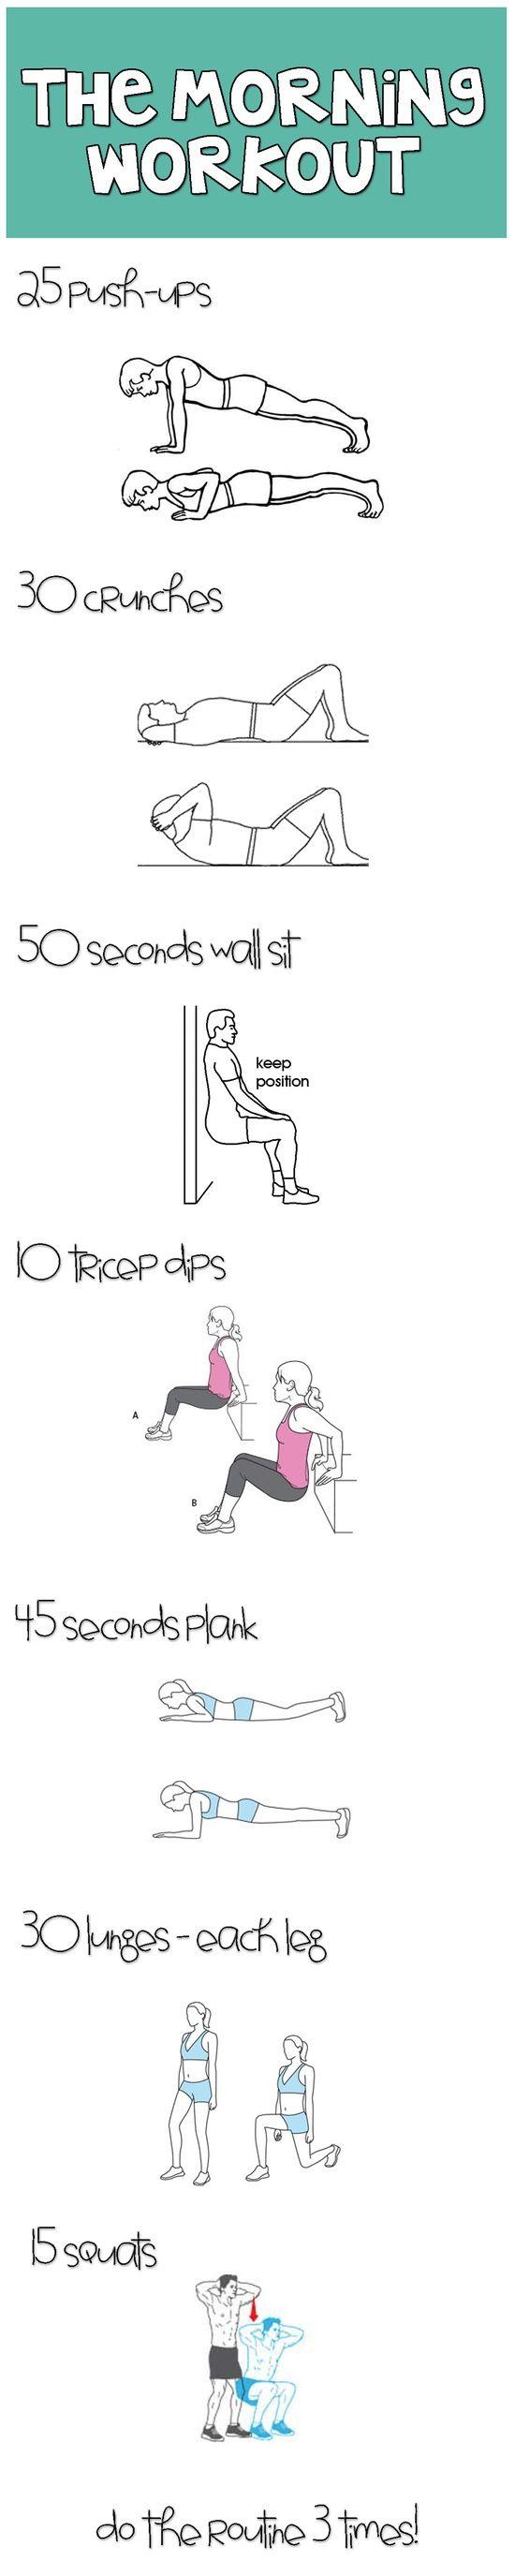 Morning toning workout